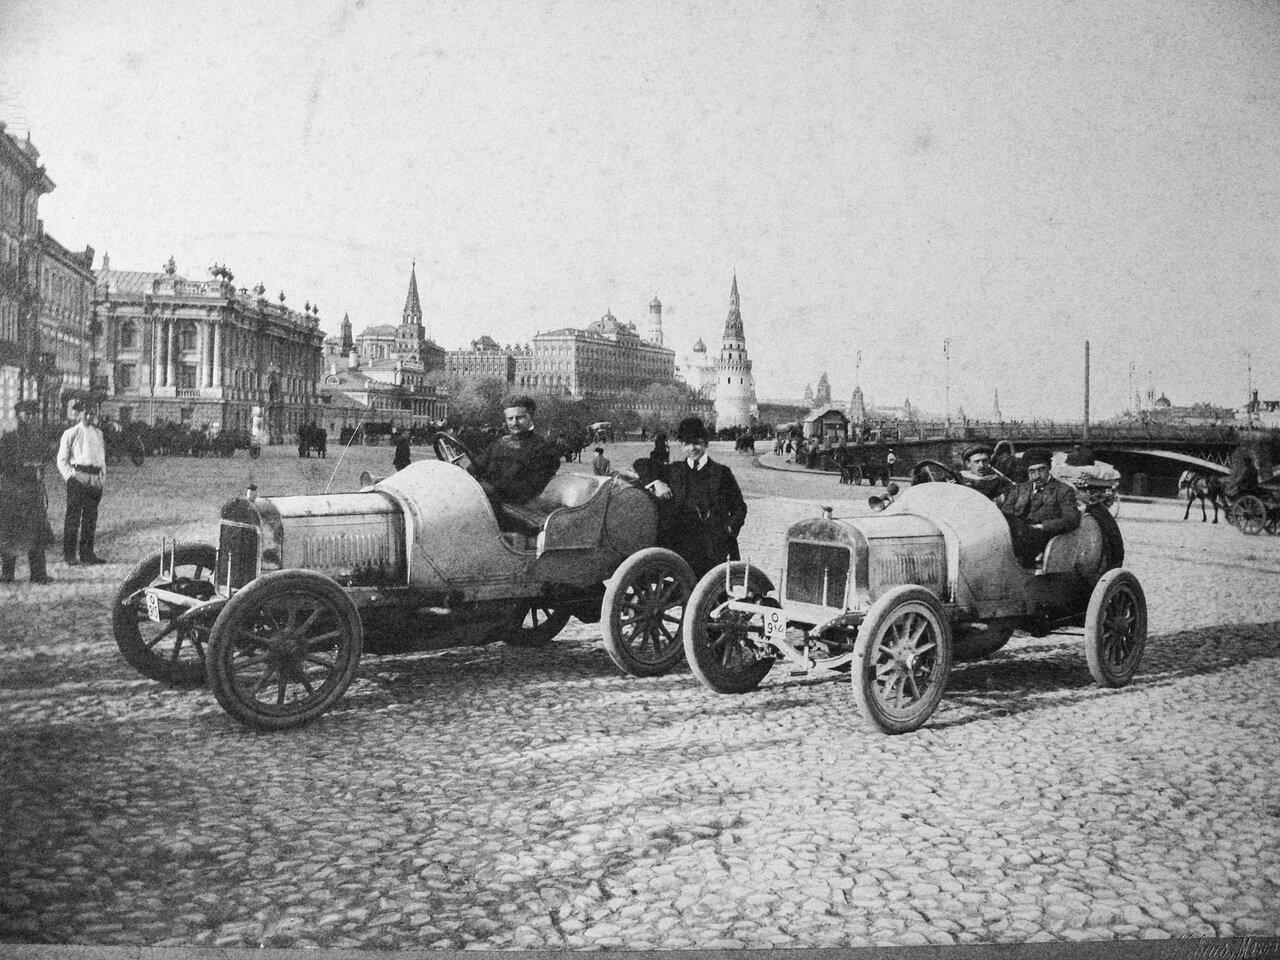 У Каменного моста. Участники ралли Санкт-Петербург - Москва. 1908